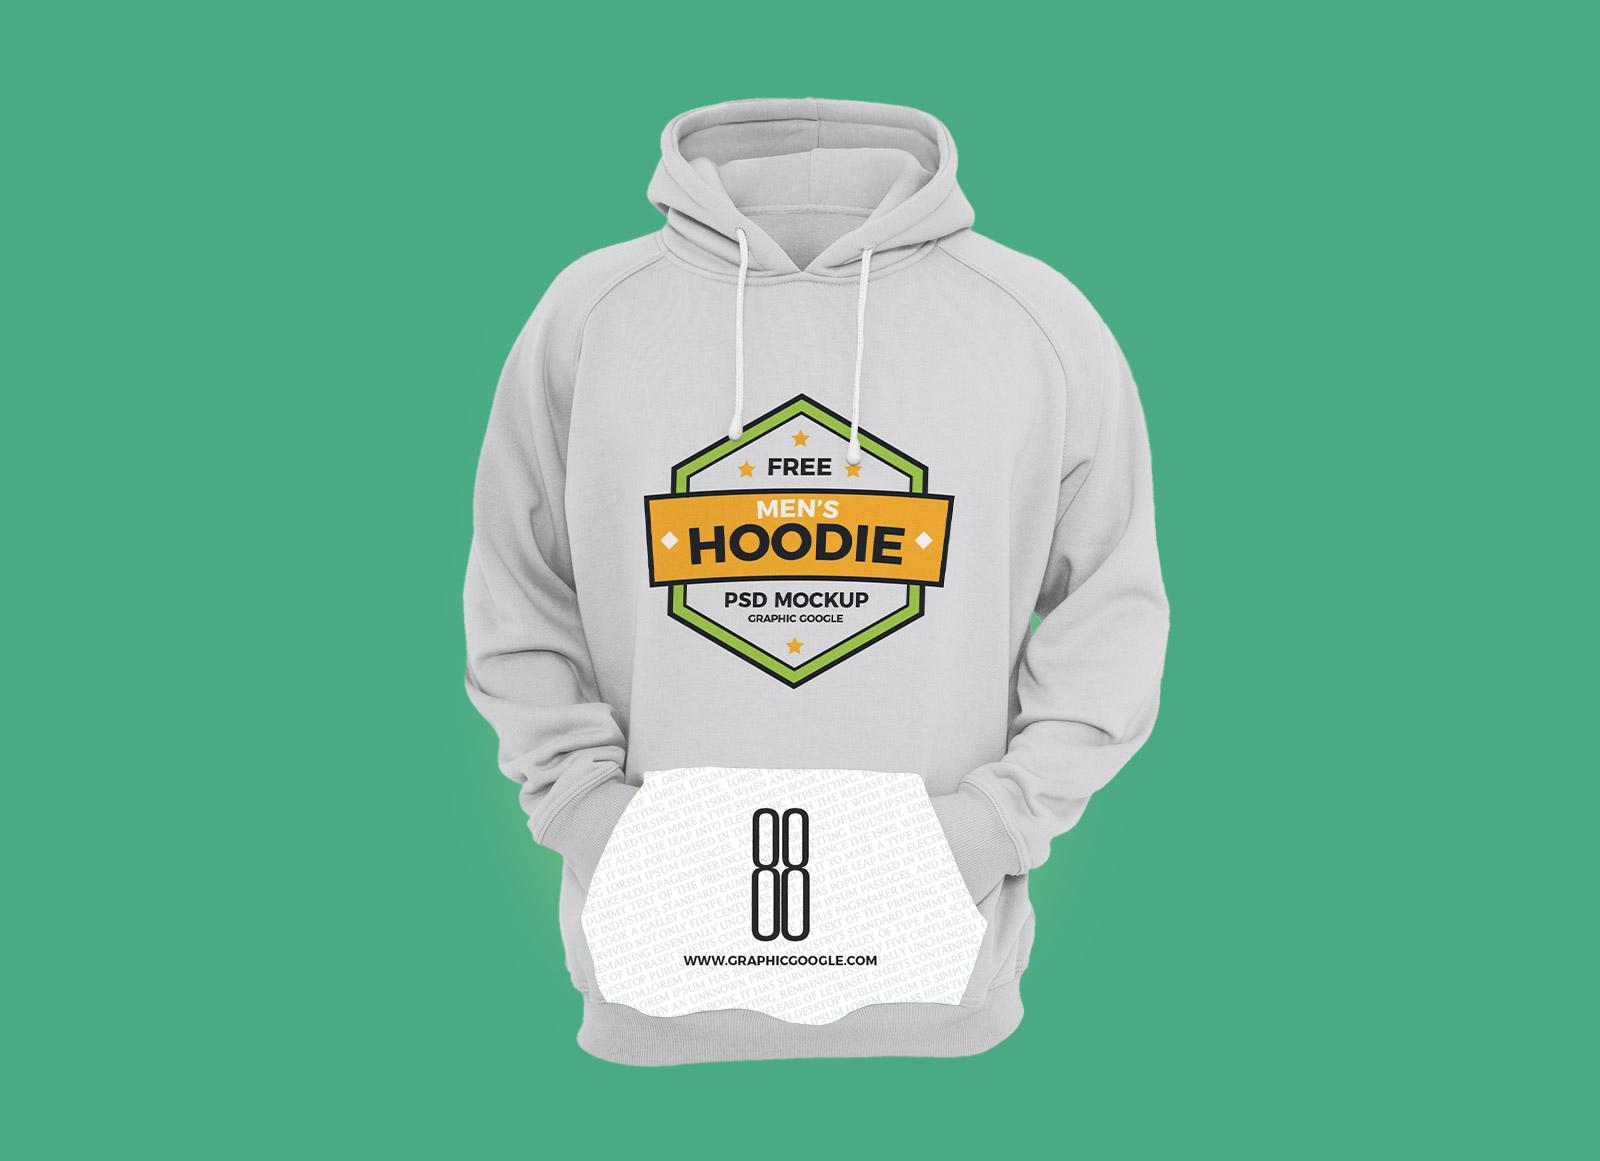 Free-Men's-Hoodie-Tshirt-Mockup-PSD-File-2